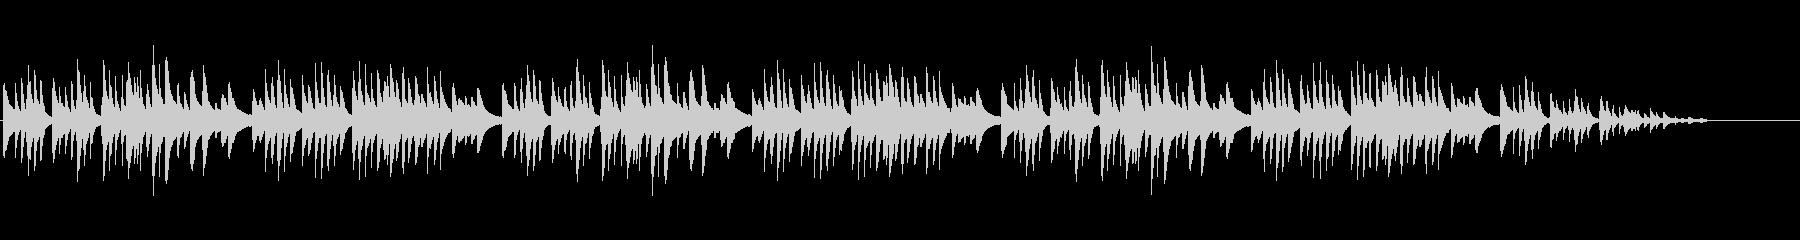 童謡「うさぎ」シンプルなピアノソロの未再生の波形